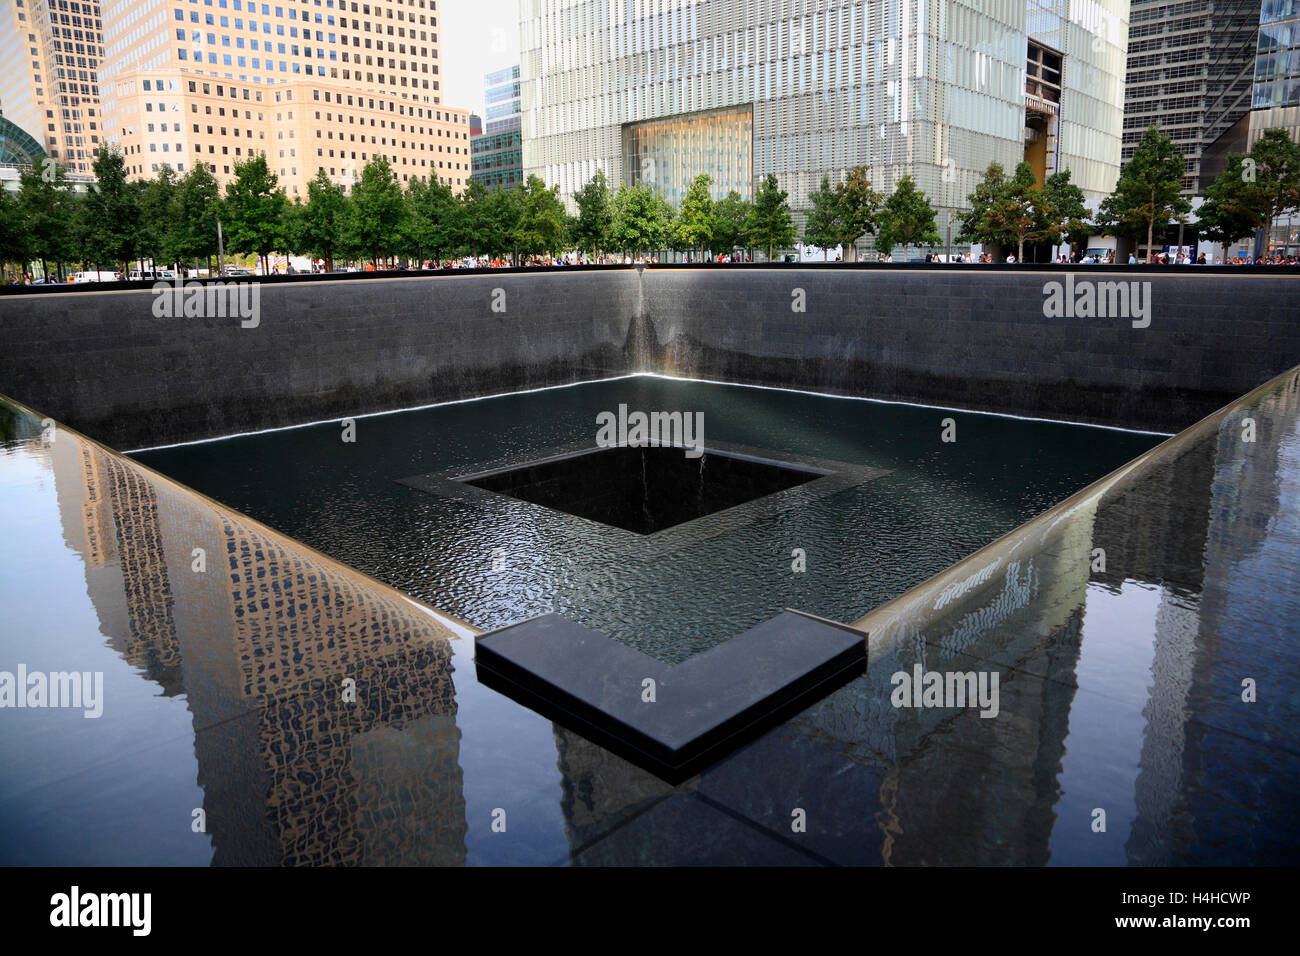 La piscine commémoratif du 11 septembre, la partie basse de Manhattan, New York, USA Photo Stock